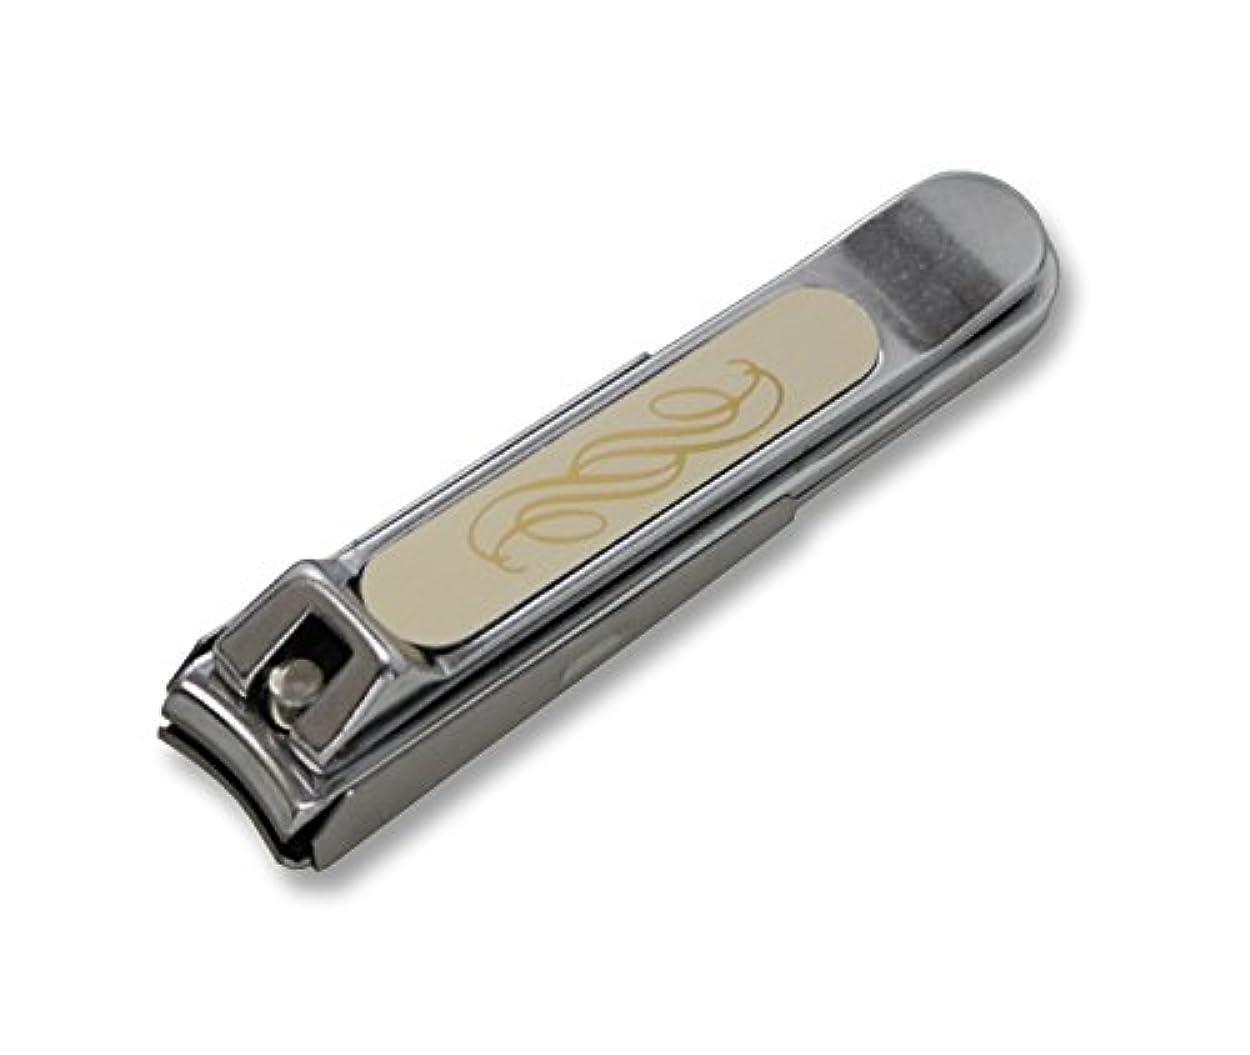 エレベーター実施する忌避剤KD-014 関の刃物 ニューチラーヌ爪切 中 ゴールド